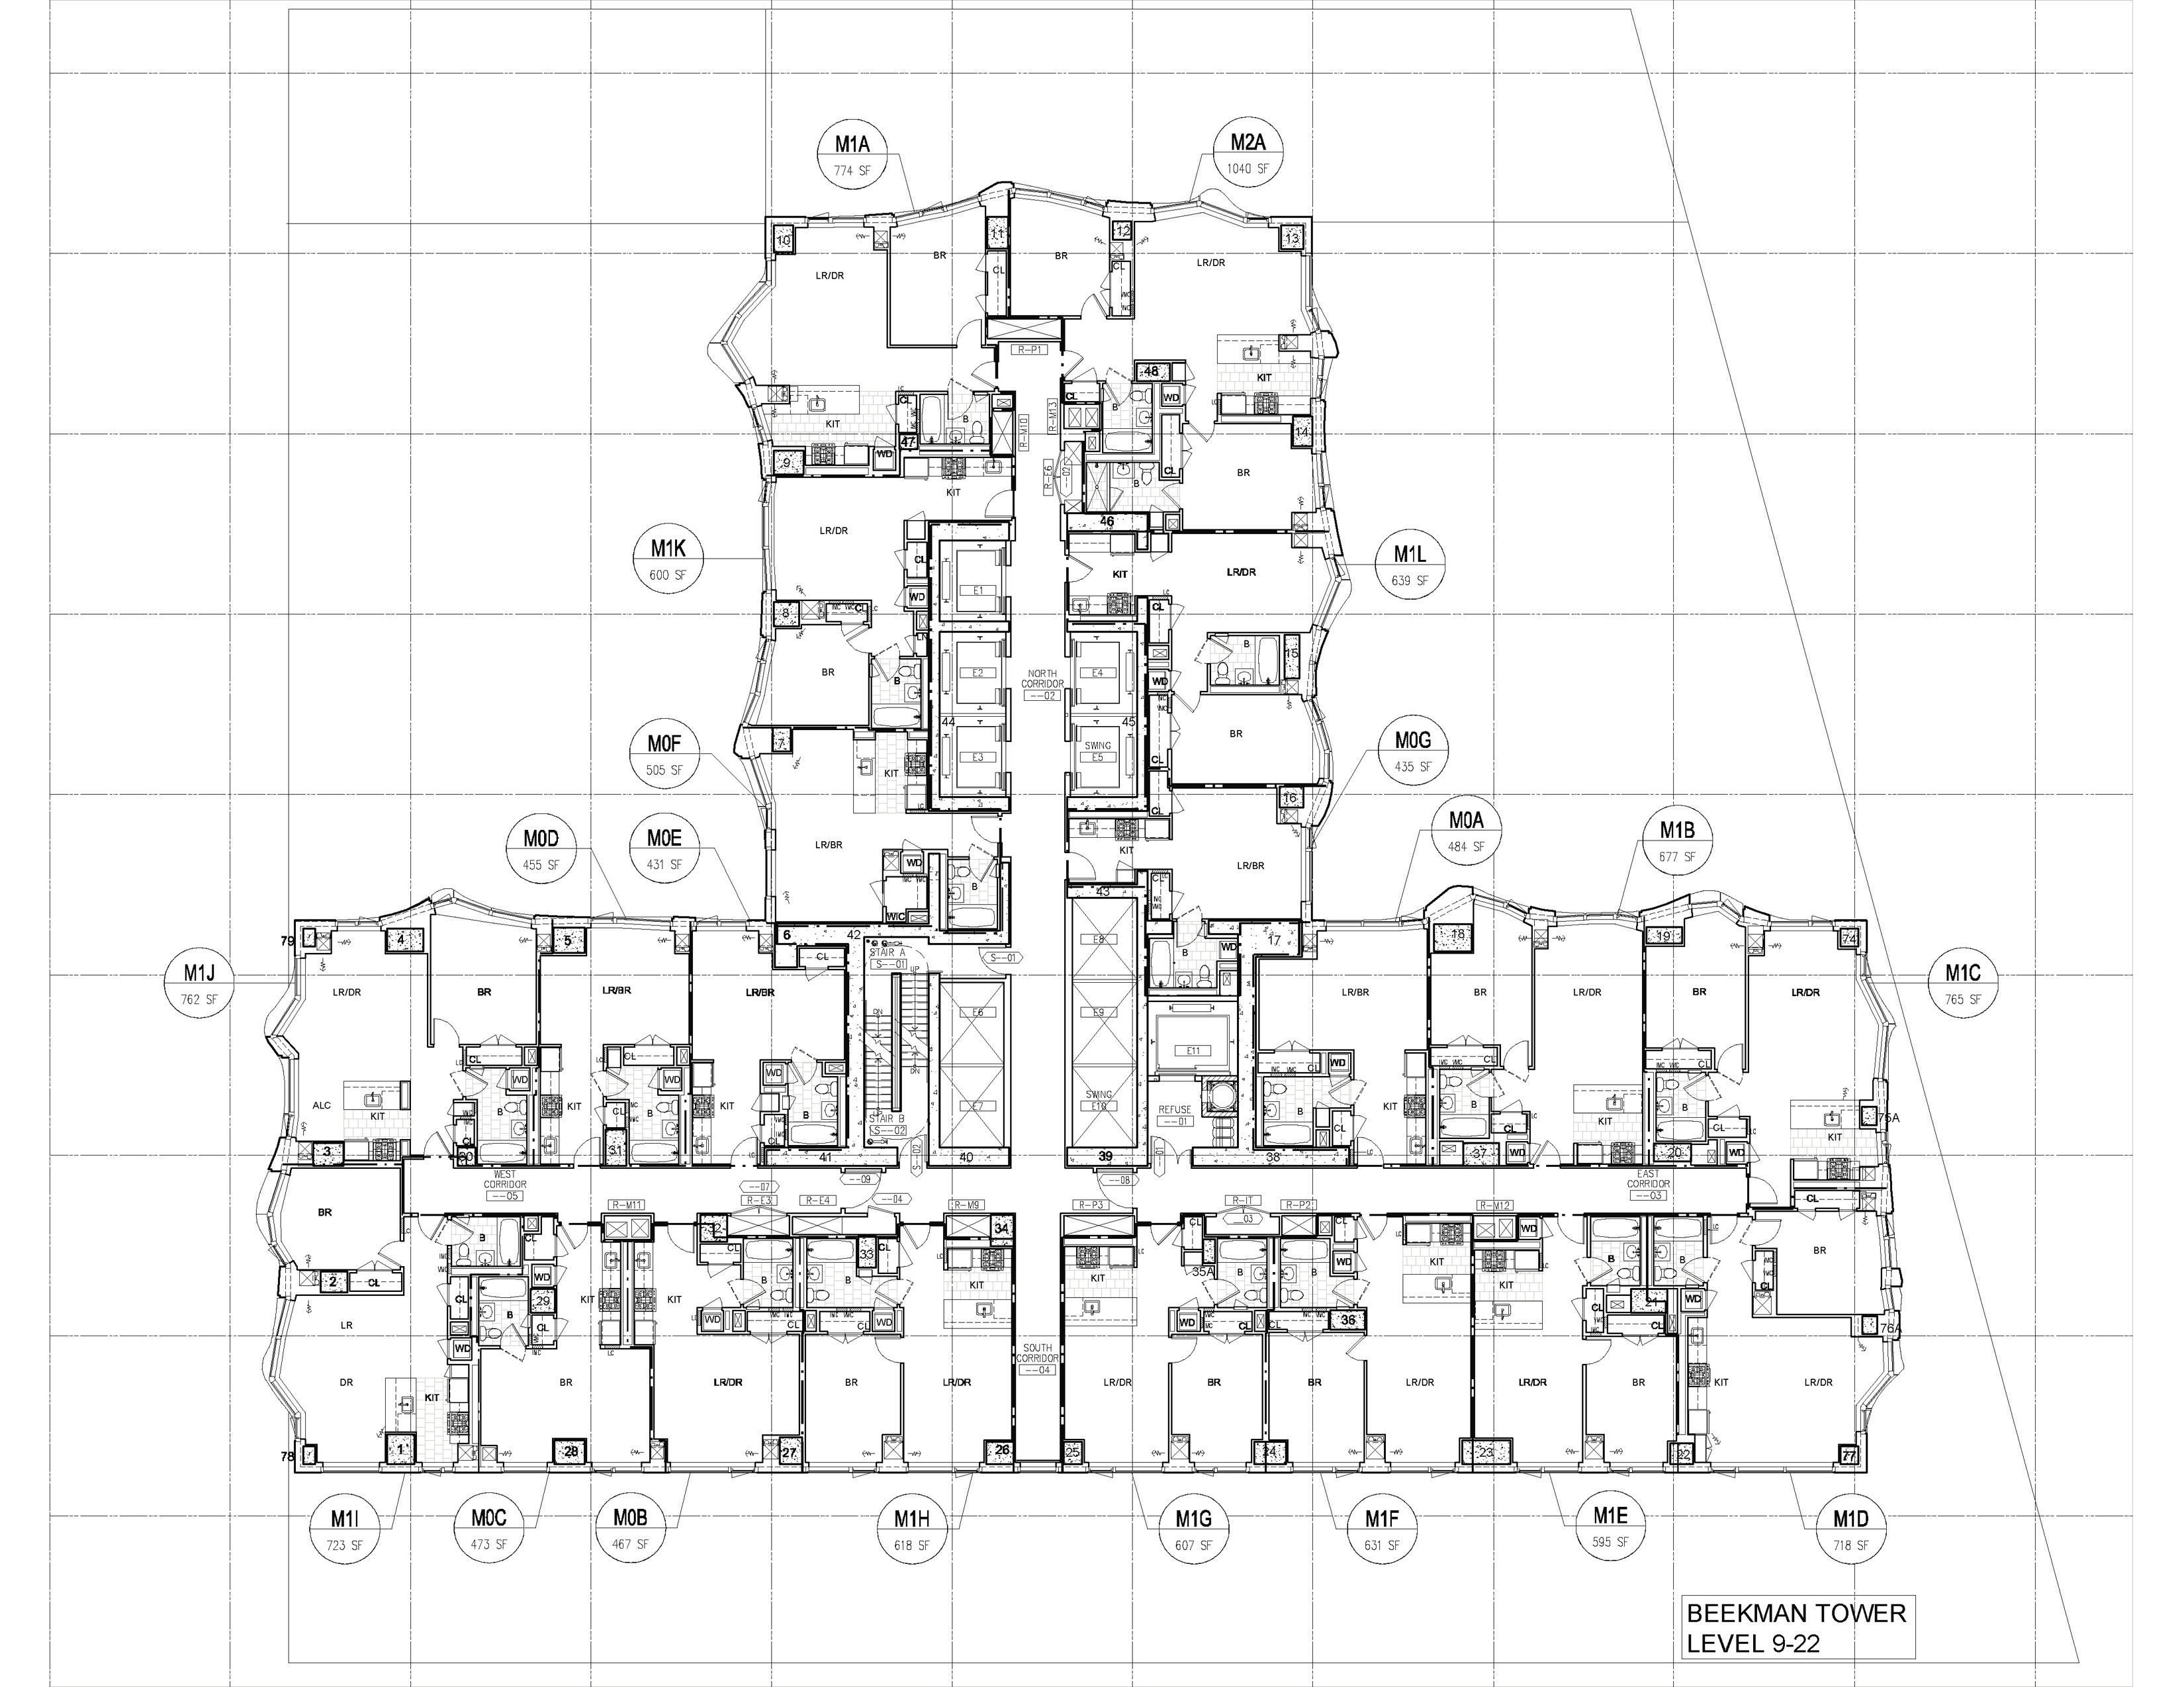 8 SPRUCE STREET. 76 Floors 867 Ft (267 m) Built 2006